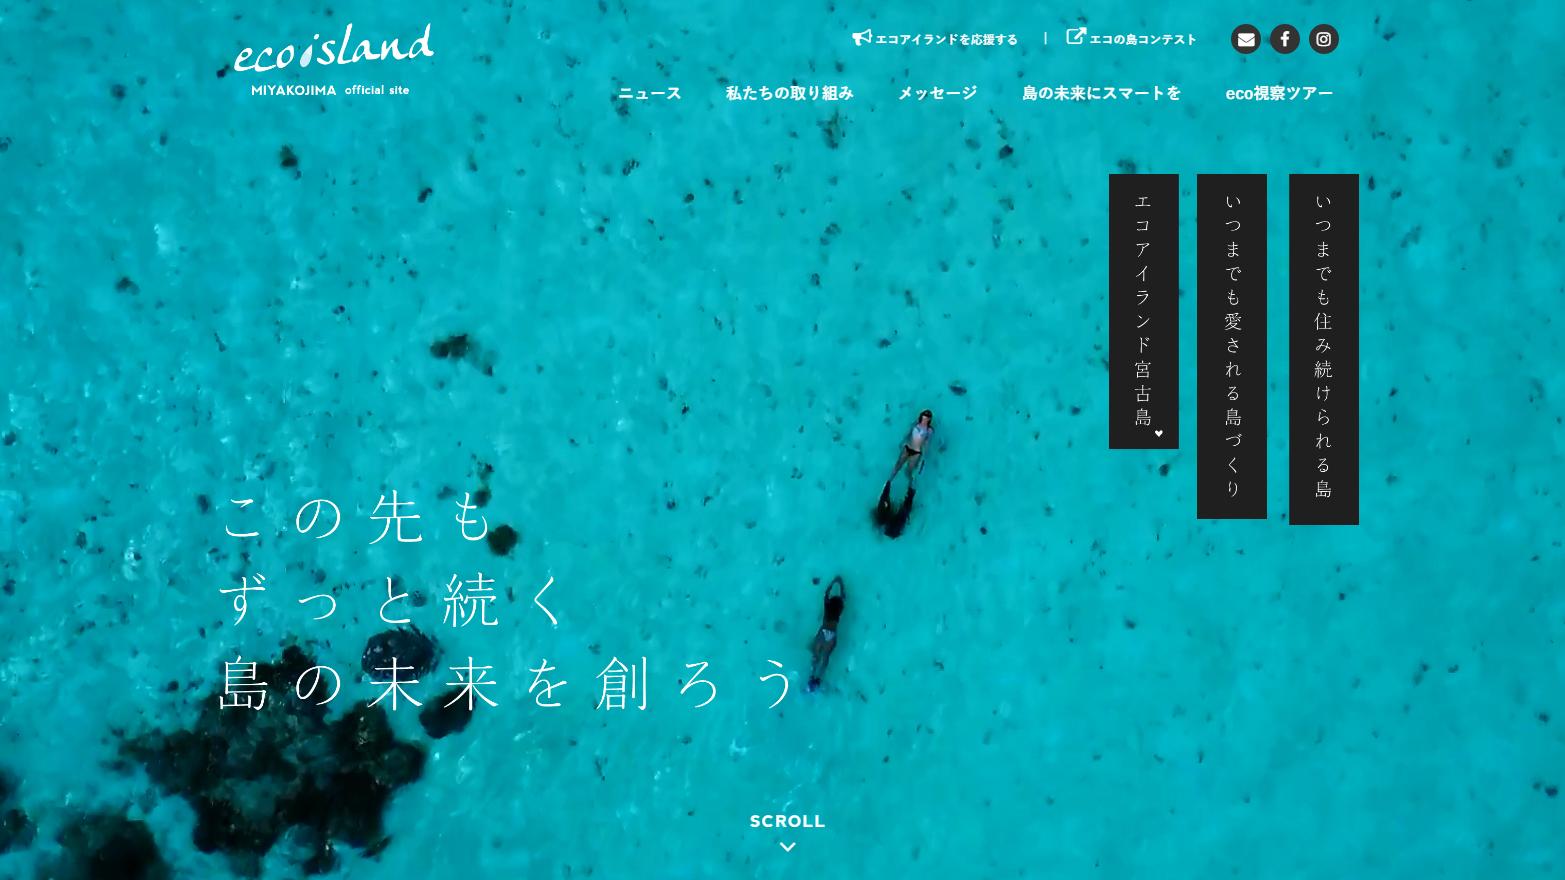 エコアイランド宮古島の公式サイトをご紹介します!